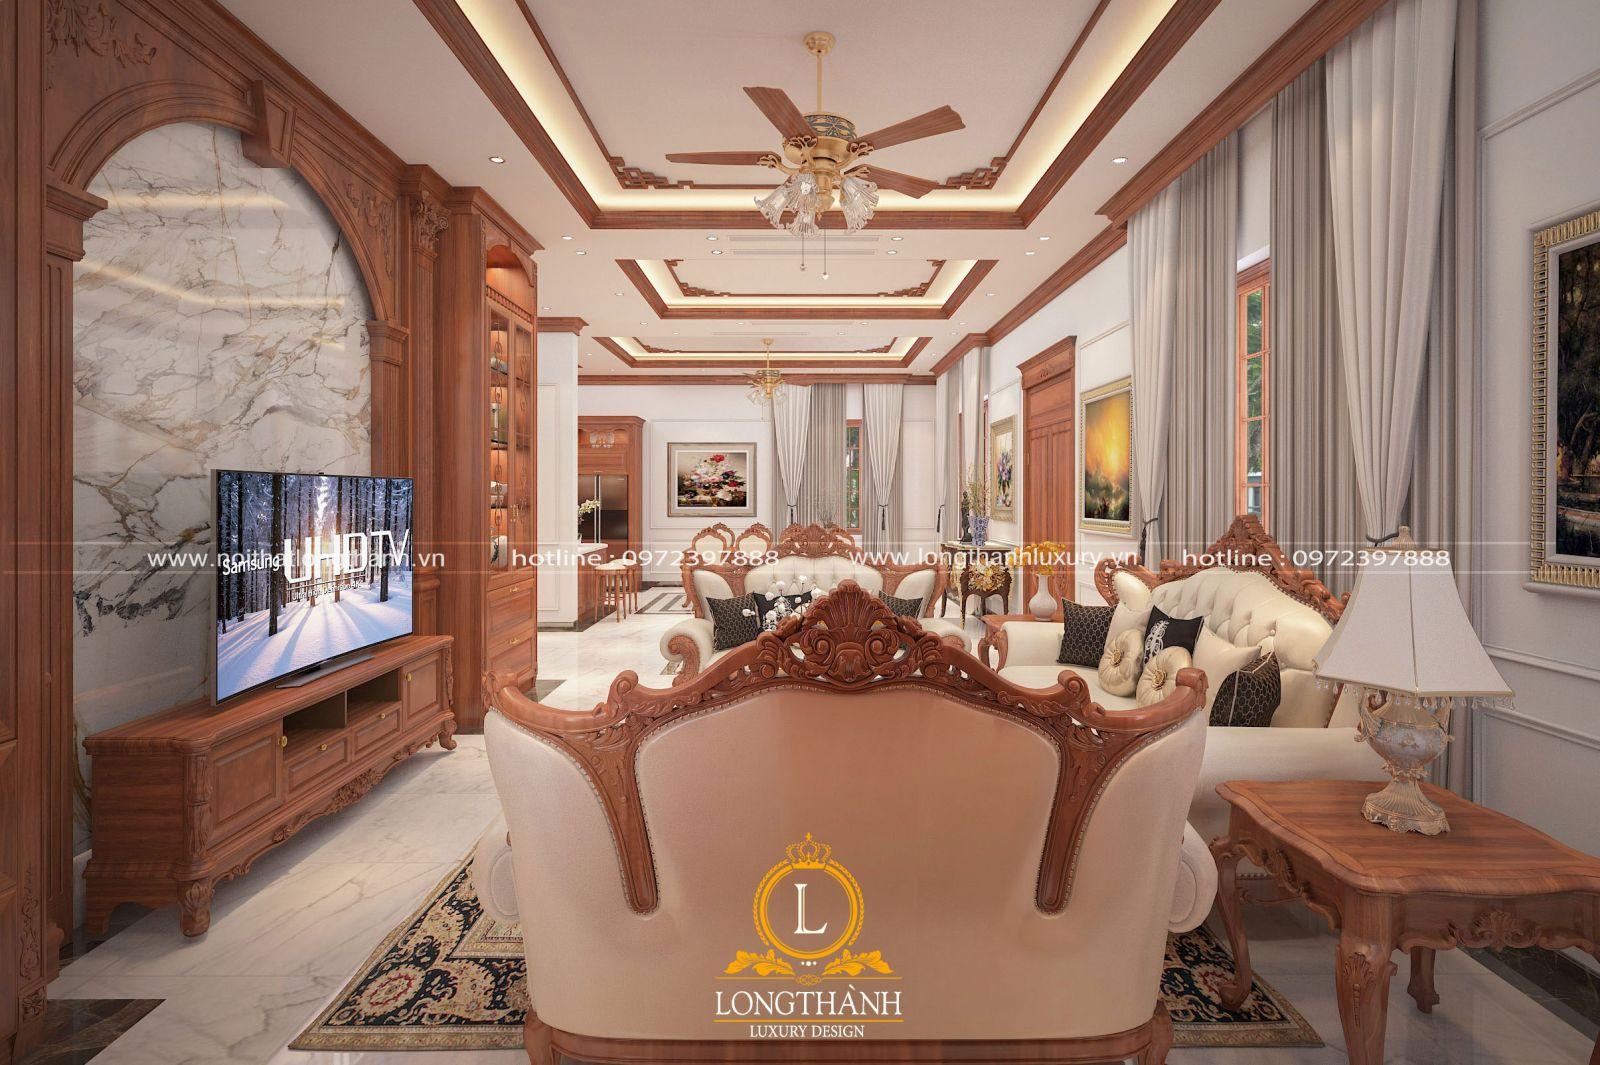 Nội thất gỗ gõ đẹp cho phòng khách tân cổ điển nhà ống